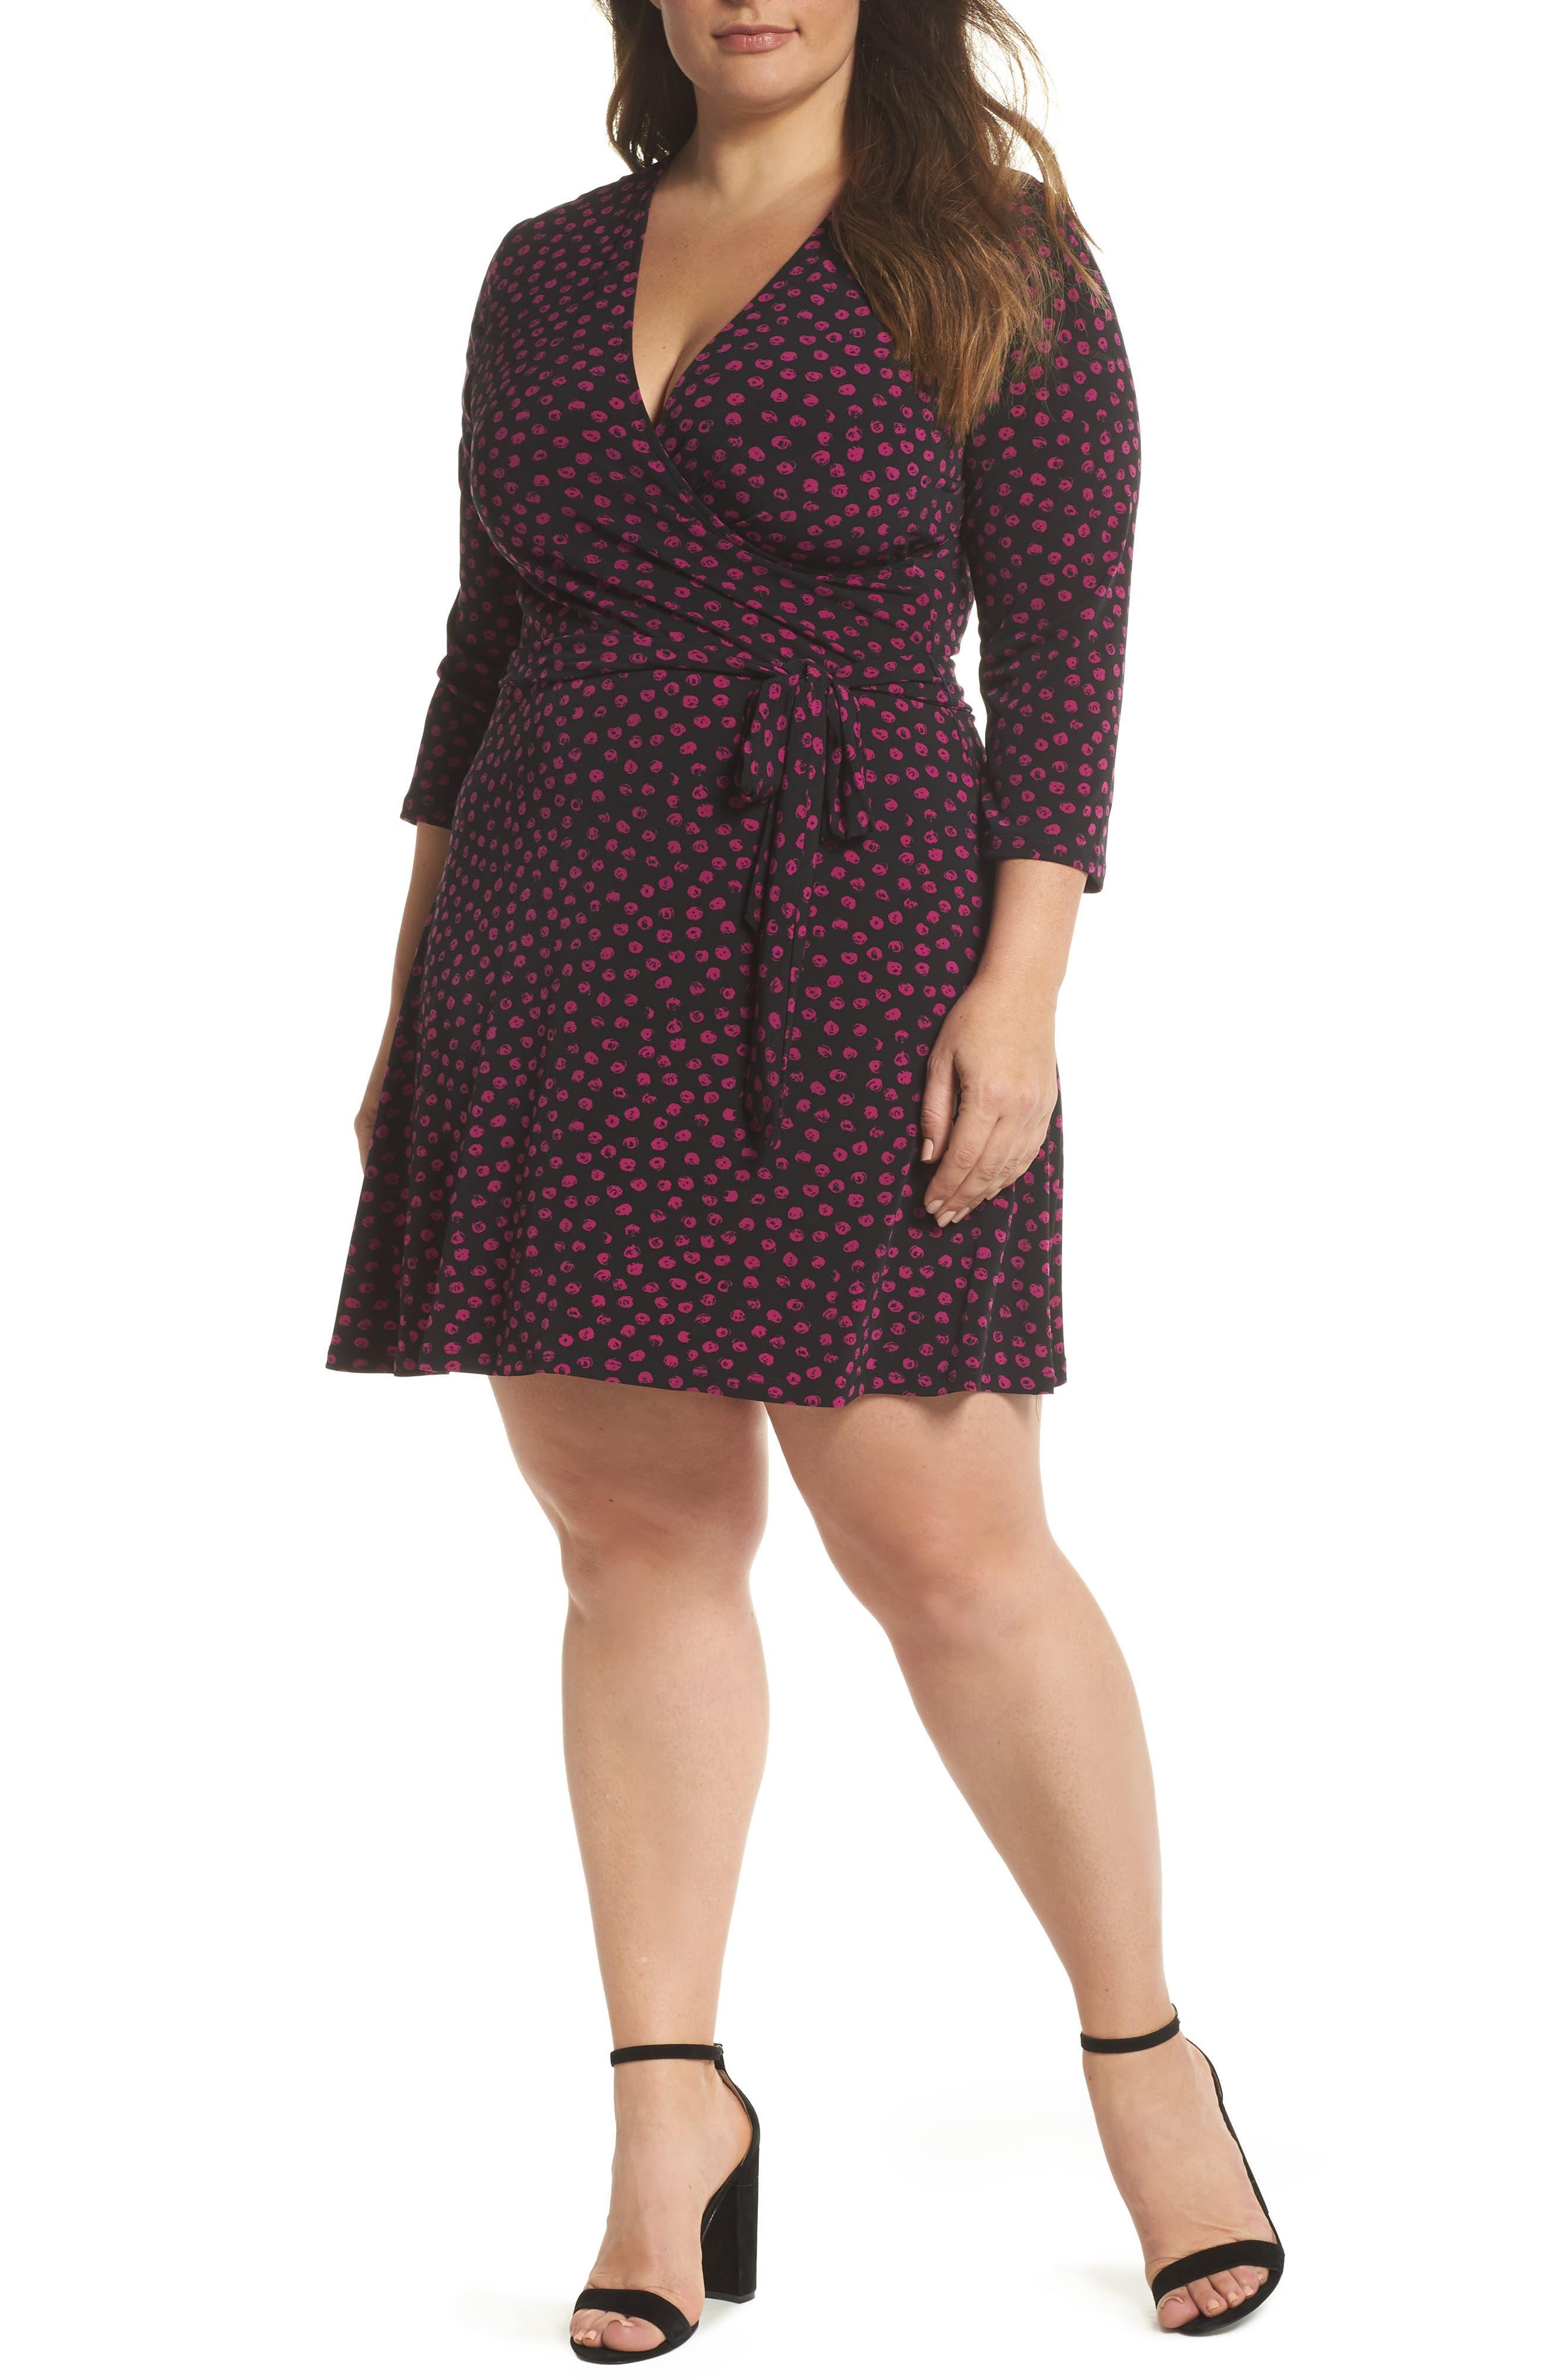 LEOTA Perfect Faux Wrap Jersey Dress in Appaloosa Black